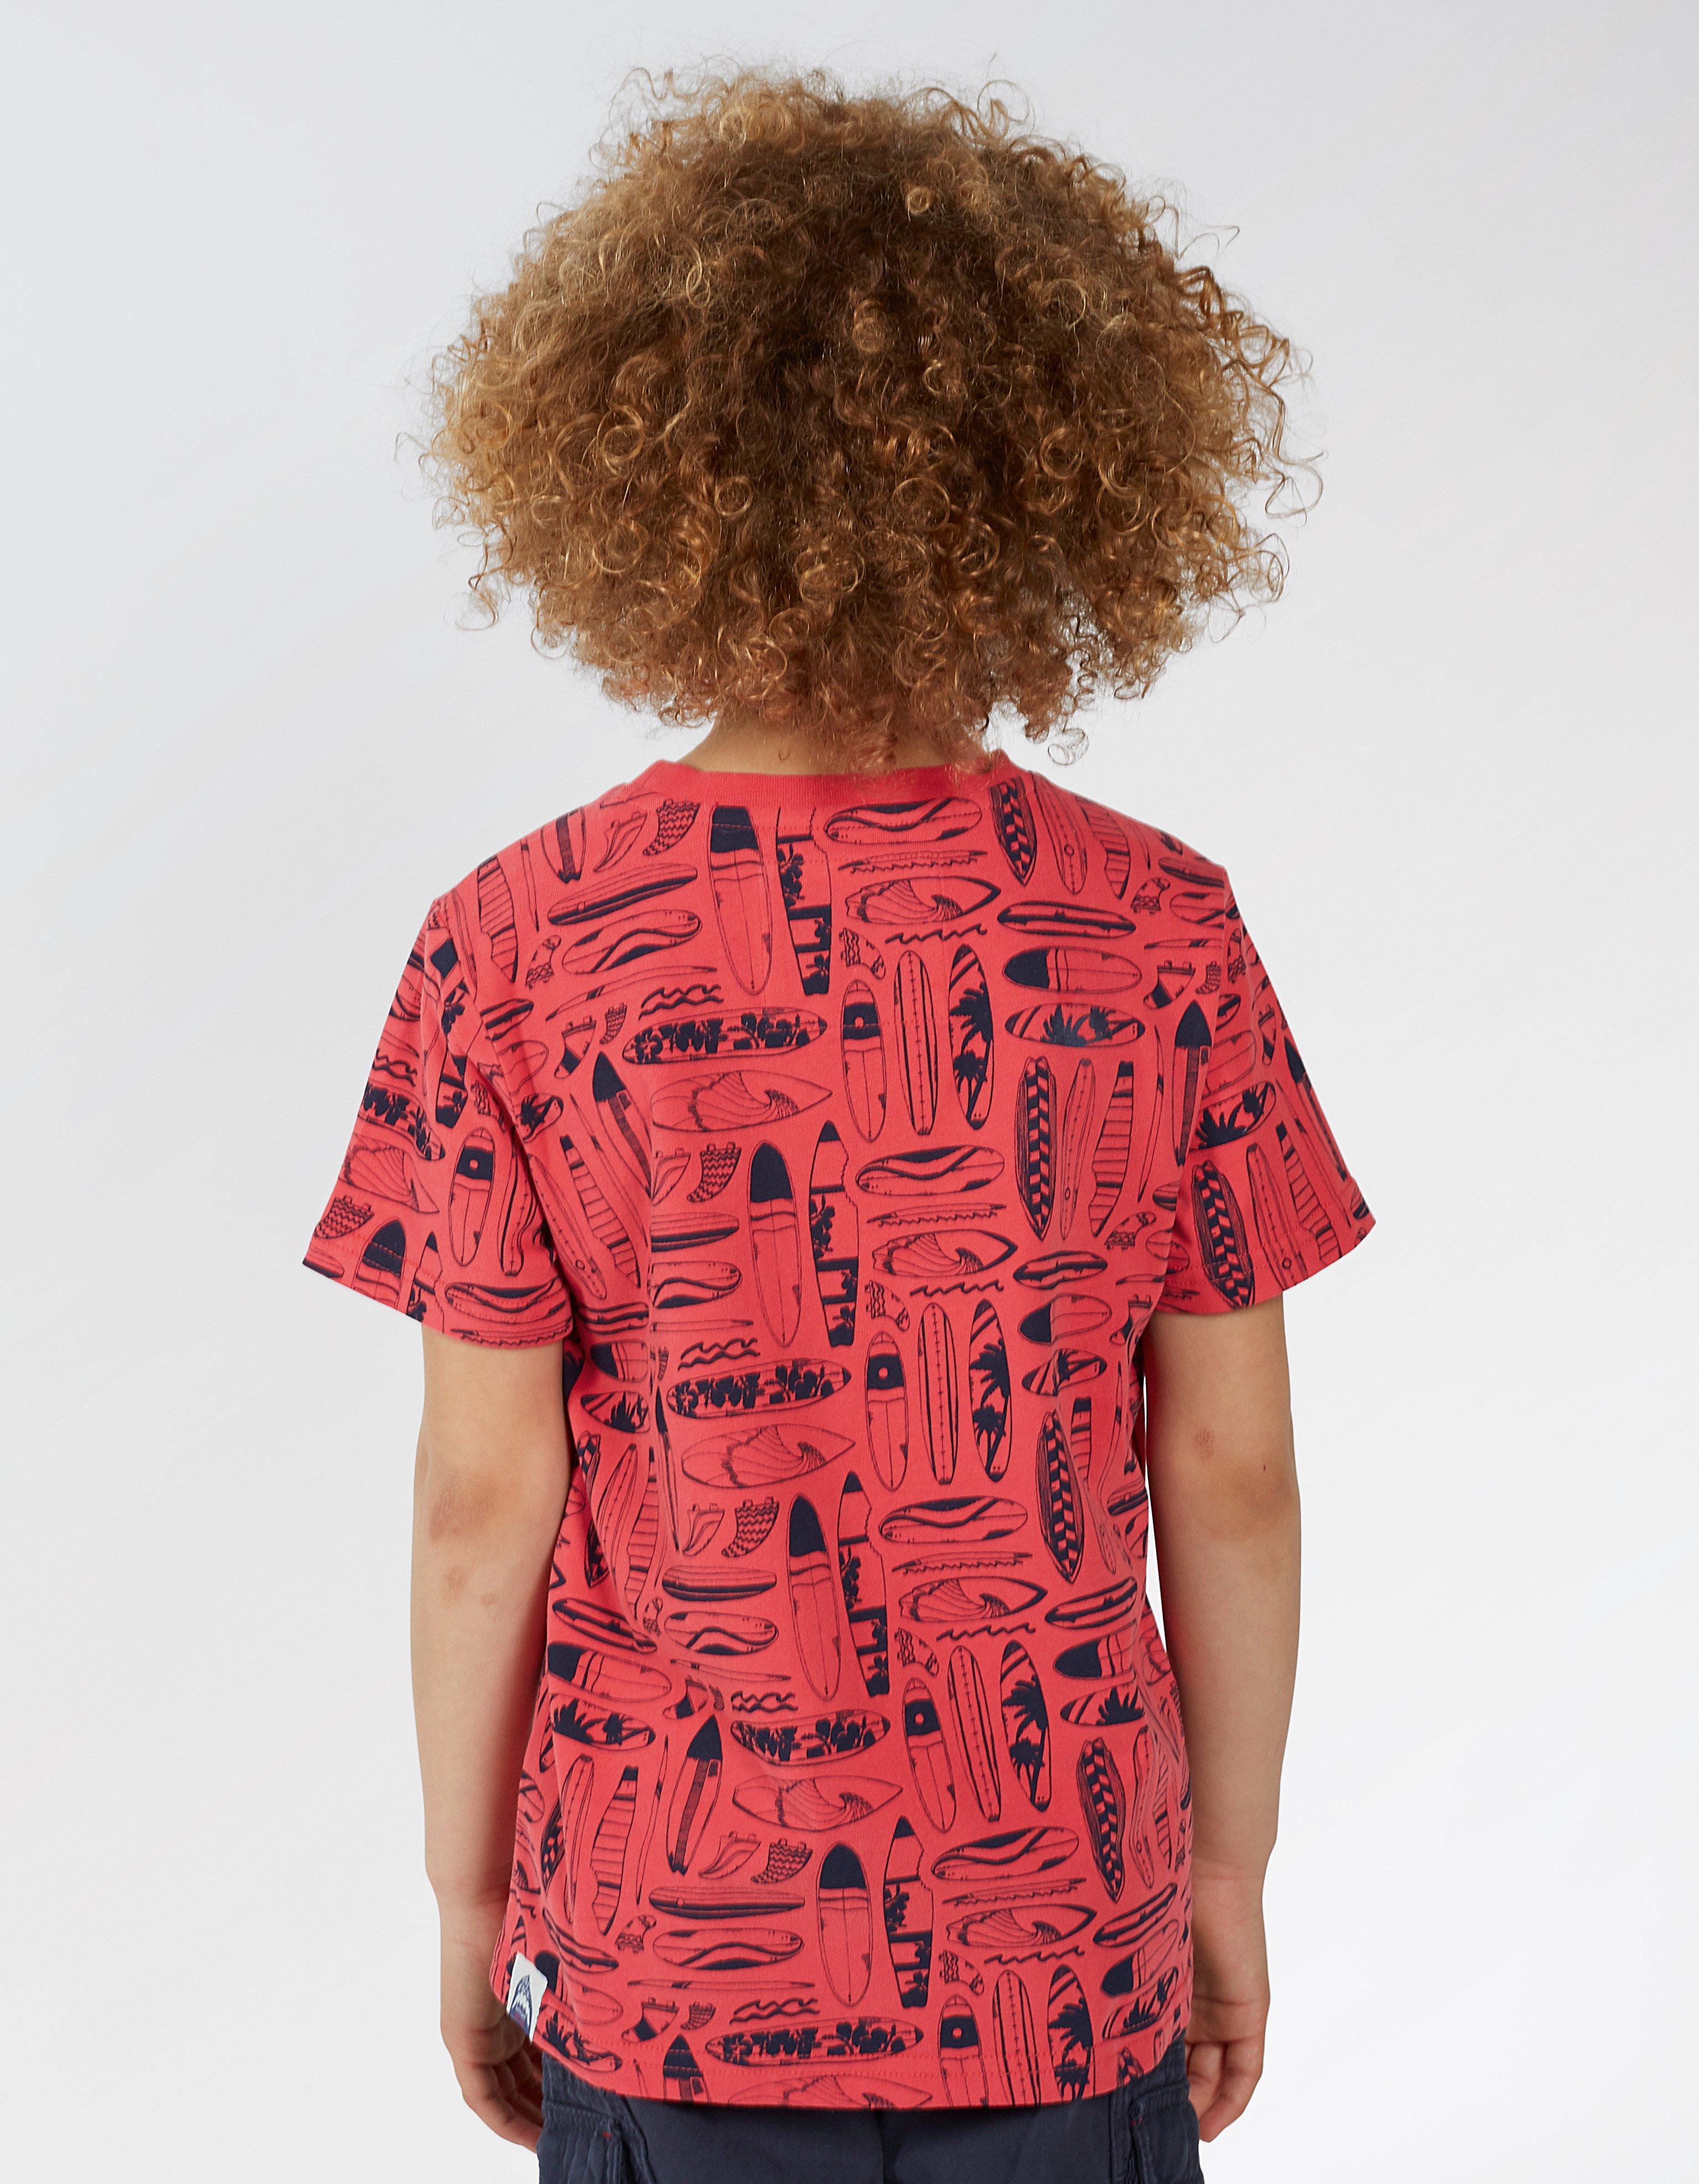 Surfboard Sketch Print T Shirt